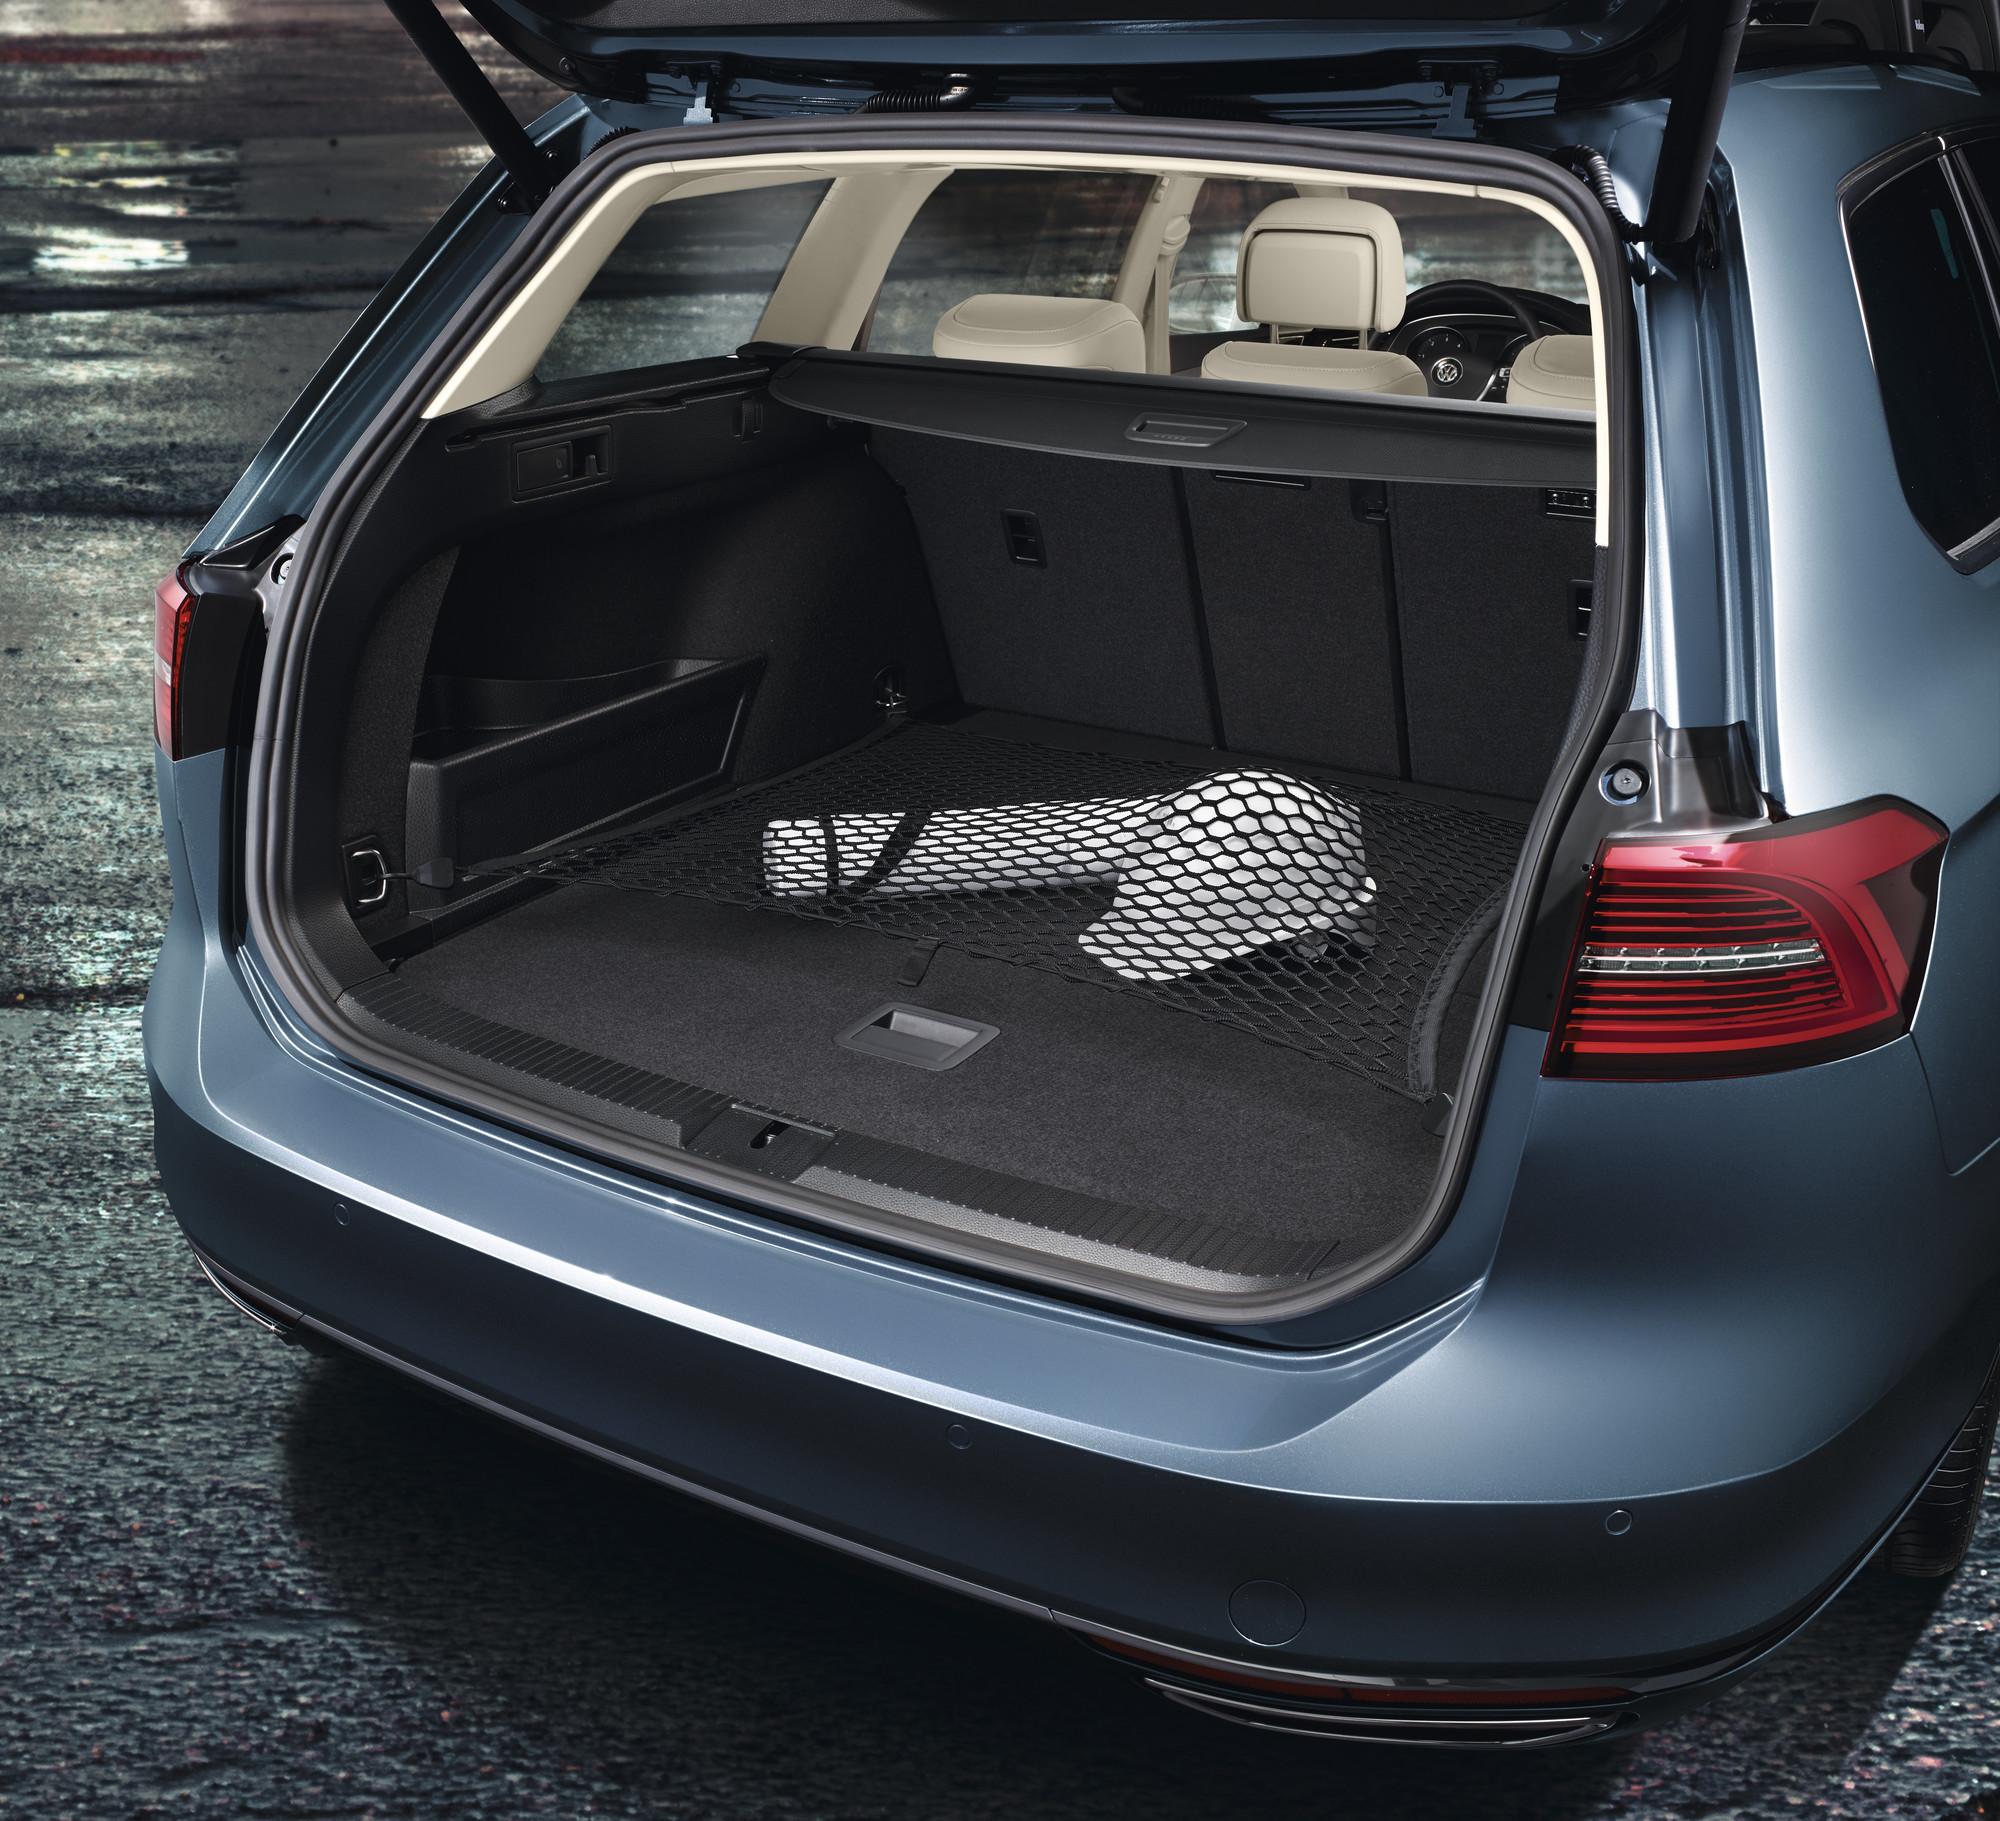 Volkswagen Original Gepäcknetz für Limousine